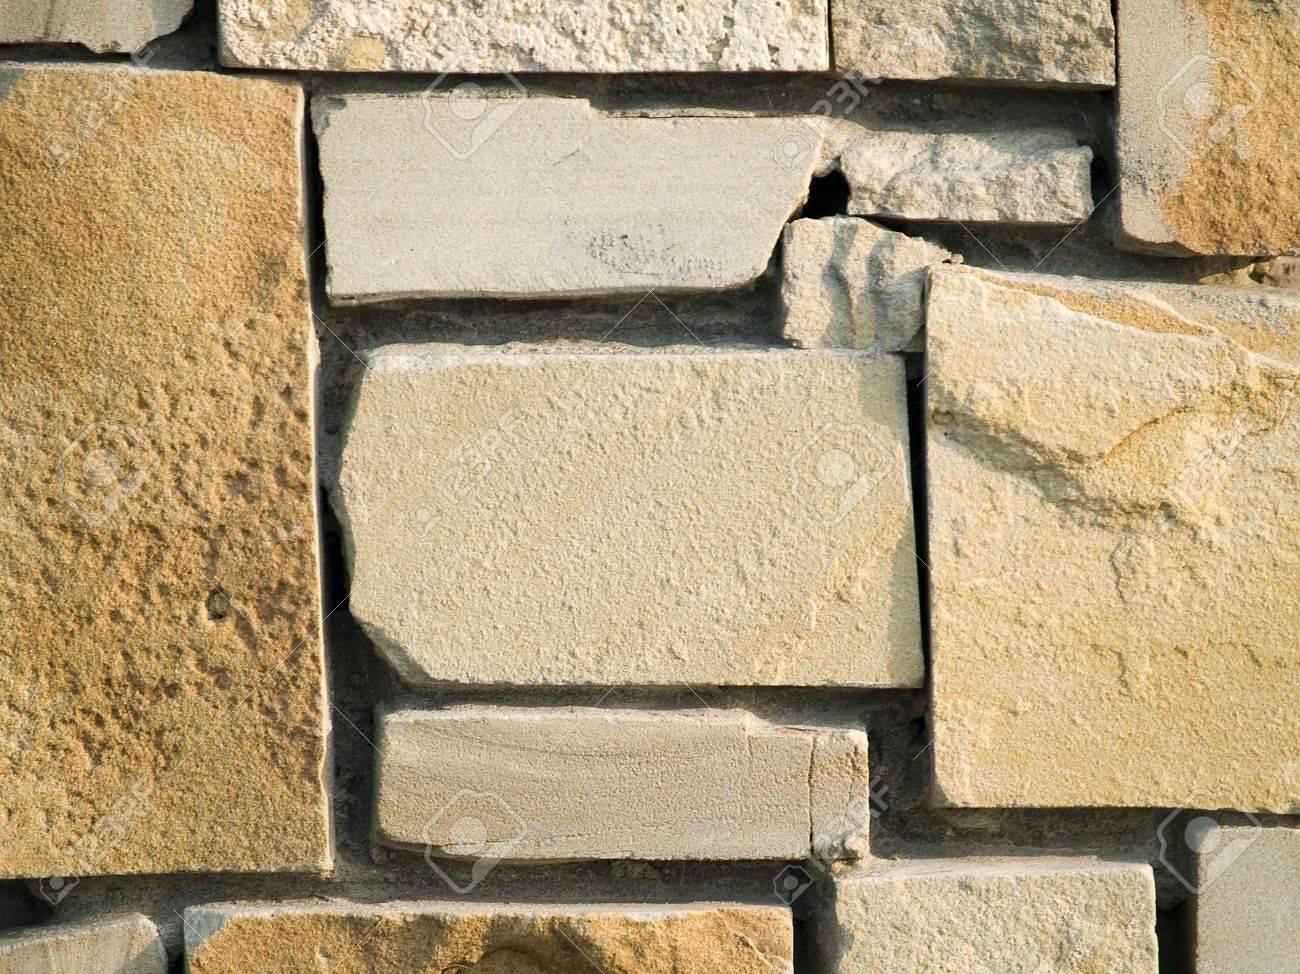 foto de archivo visin horizontal de capas paredes exteriores de piedra arenisca de fomento de fachada a cerca de una pared de ladrillo que se puede